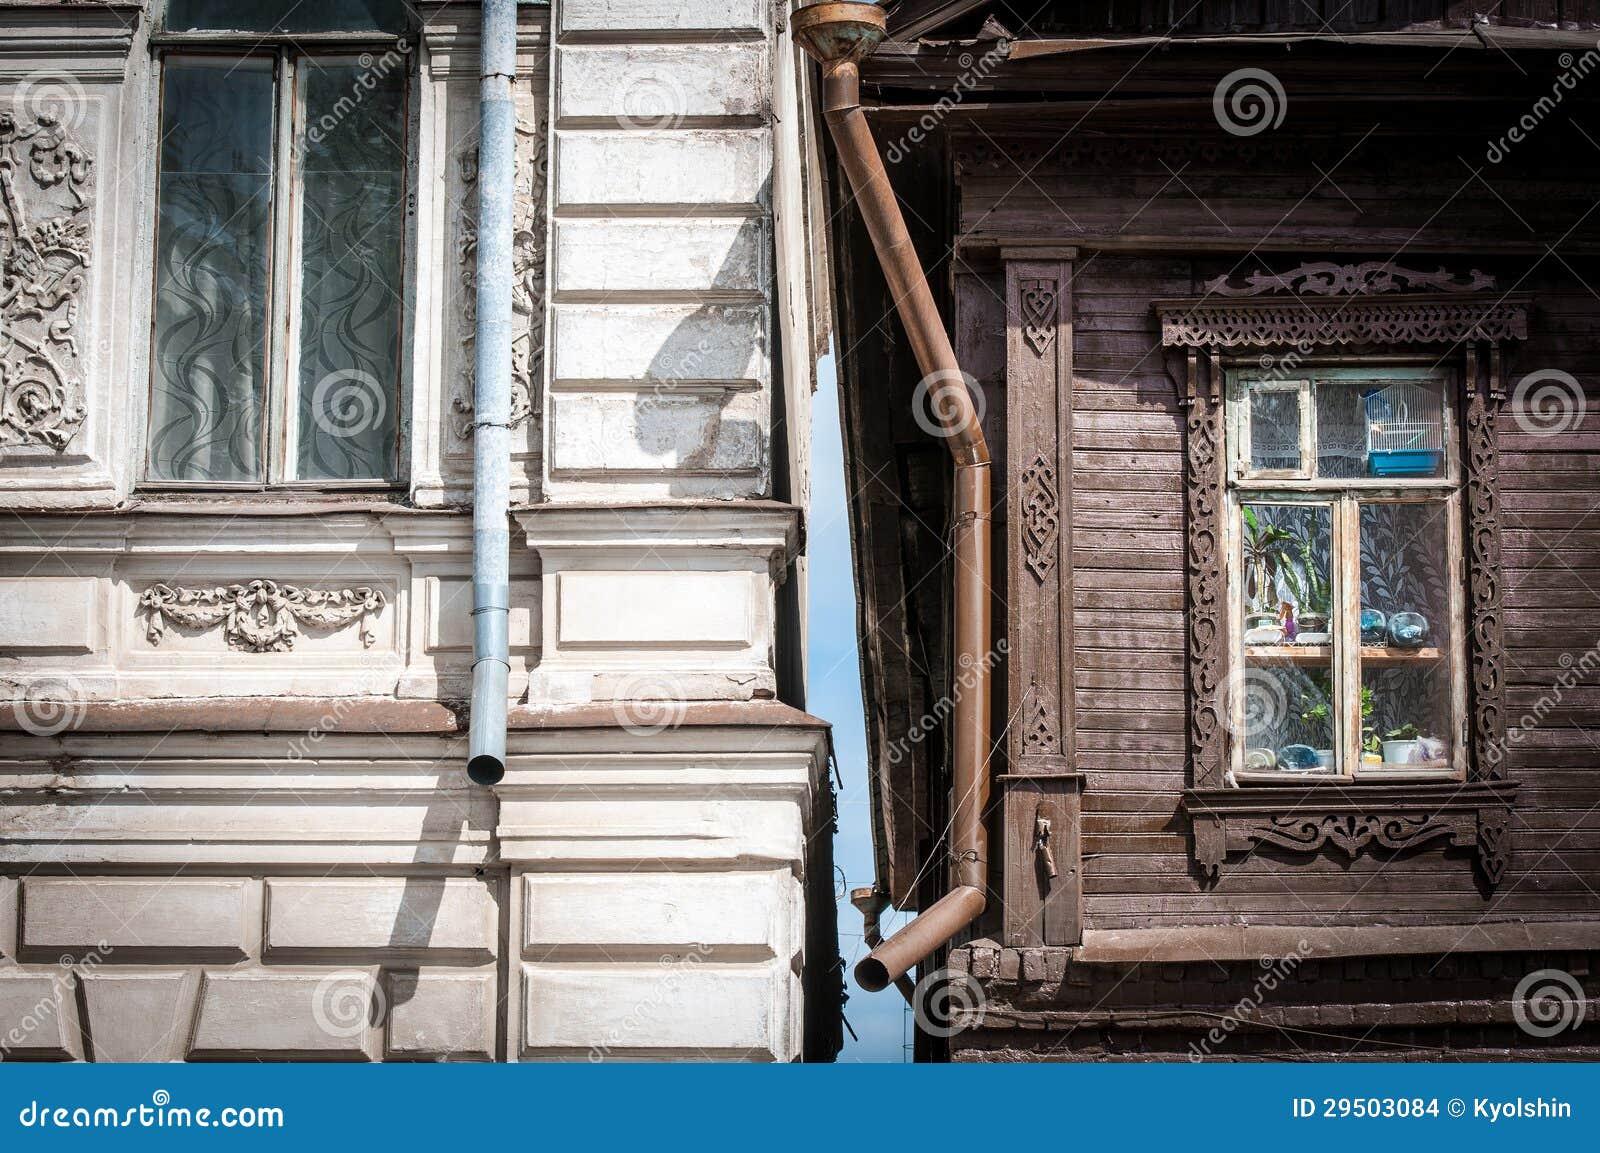 Case Di Legno E Mattoni : Due case in russia vecchio di legno e mattone fotografia stock